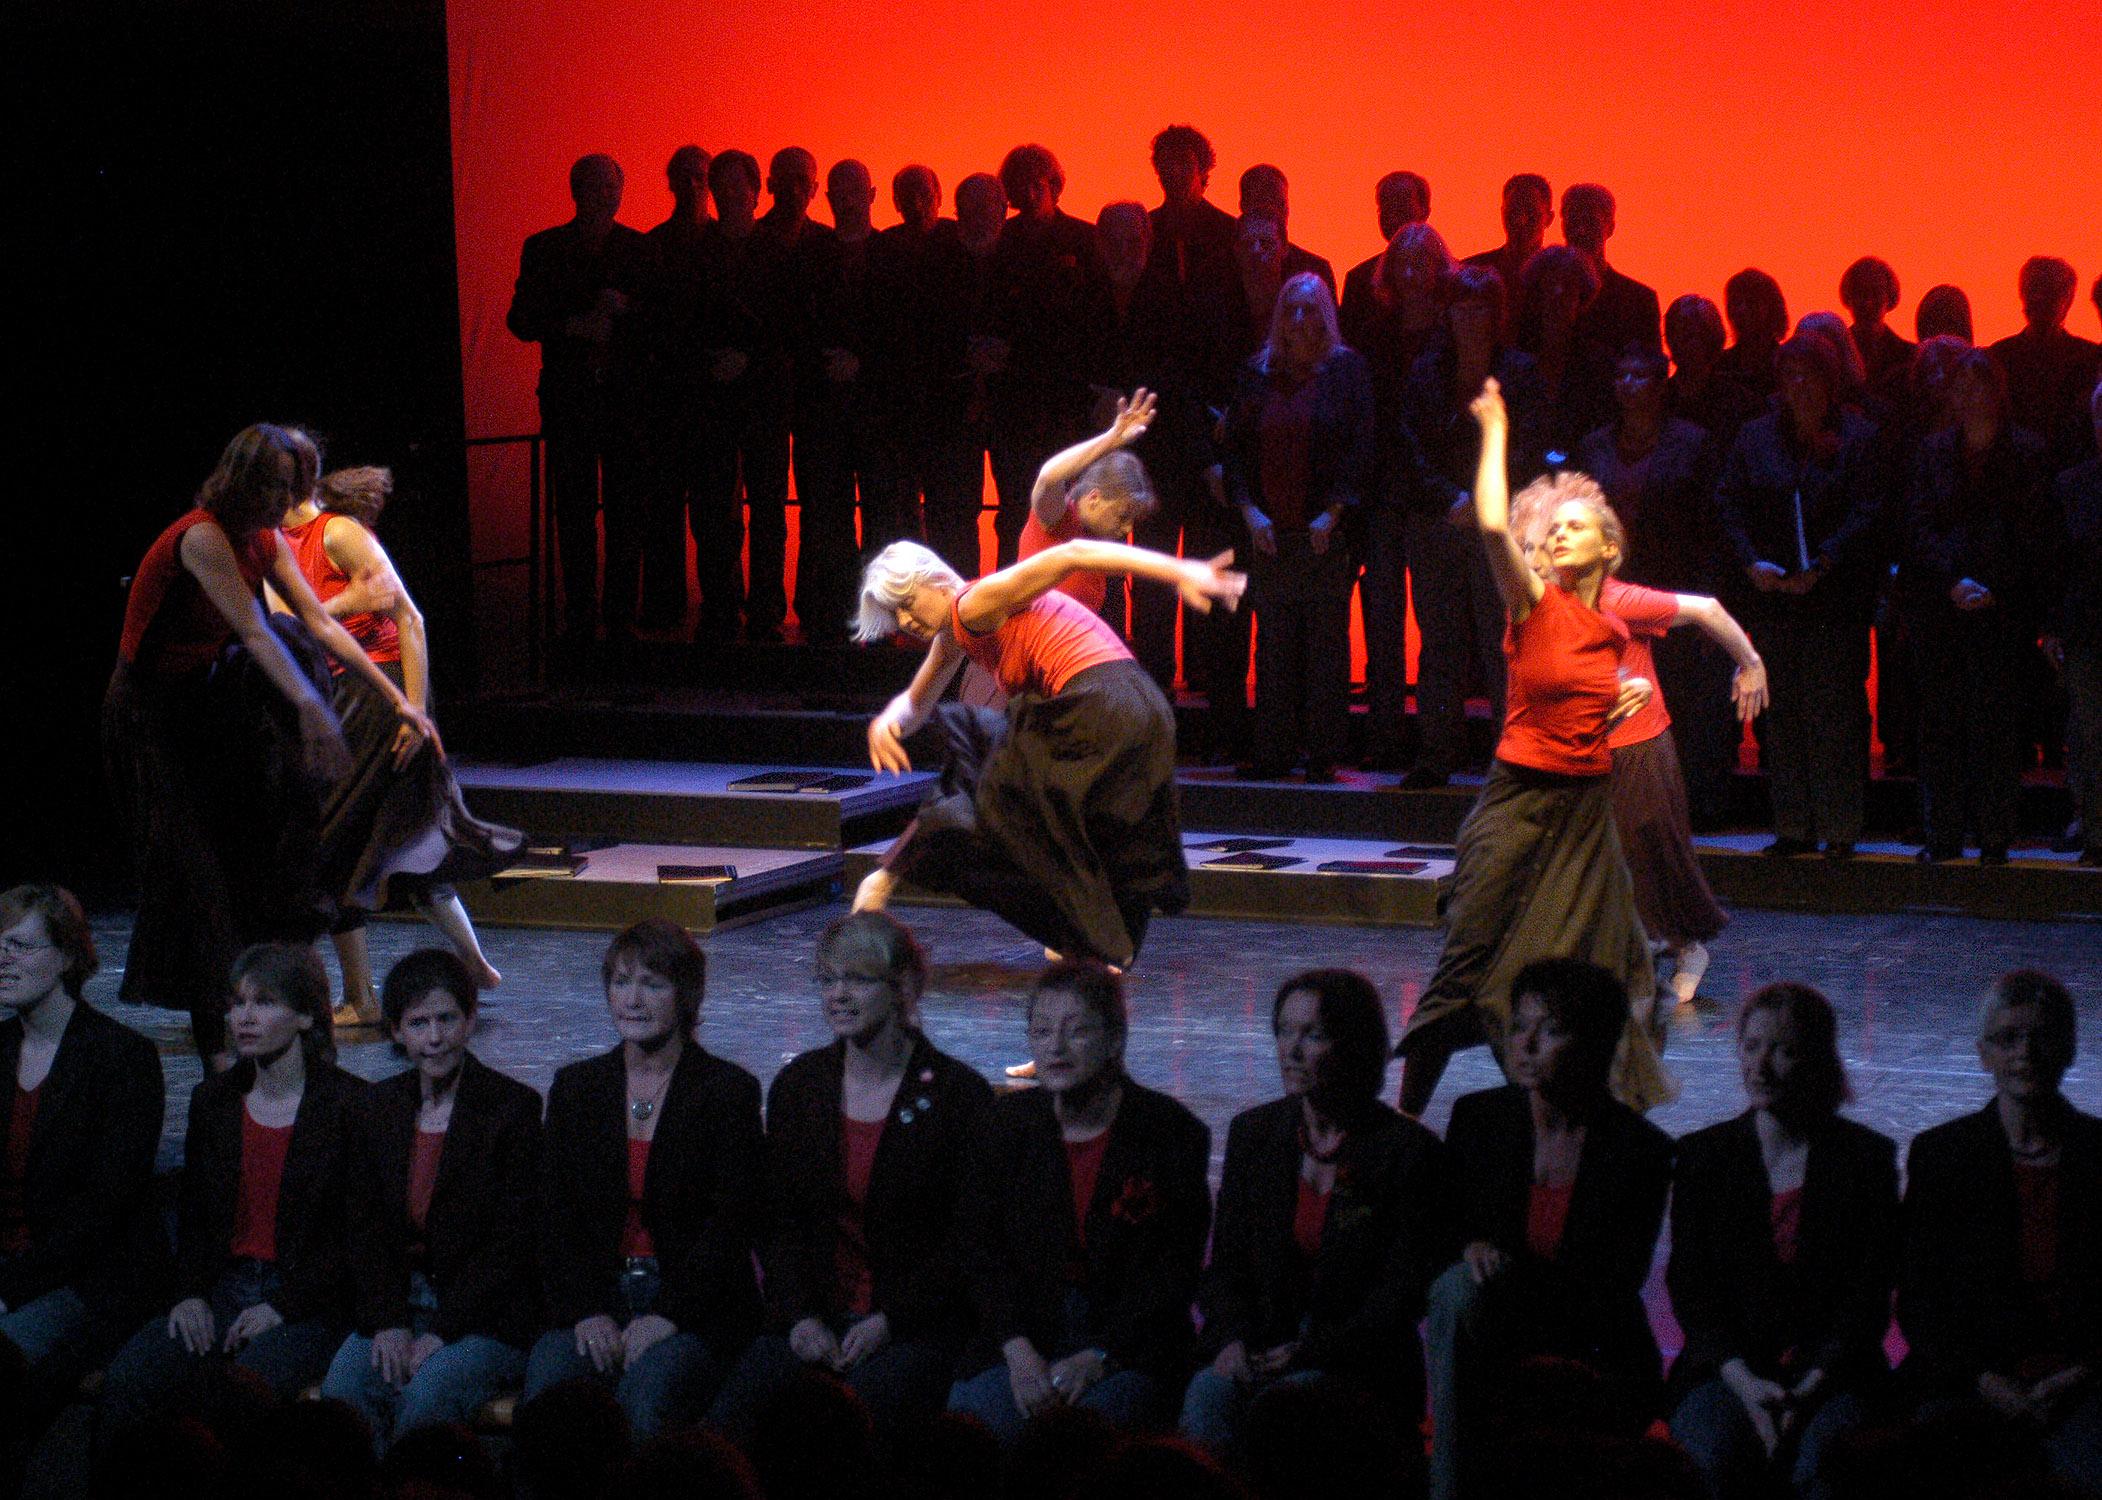 Tanz Raum - Regine Stein - Tanz, Technik, und Improvisation